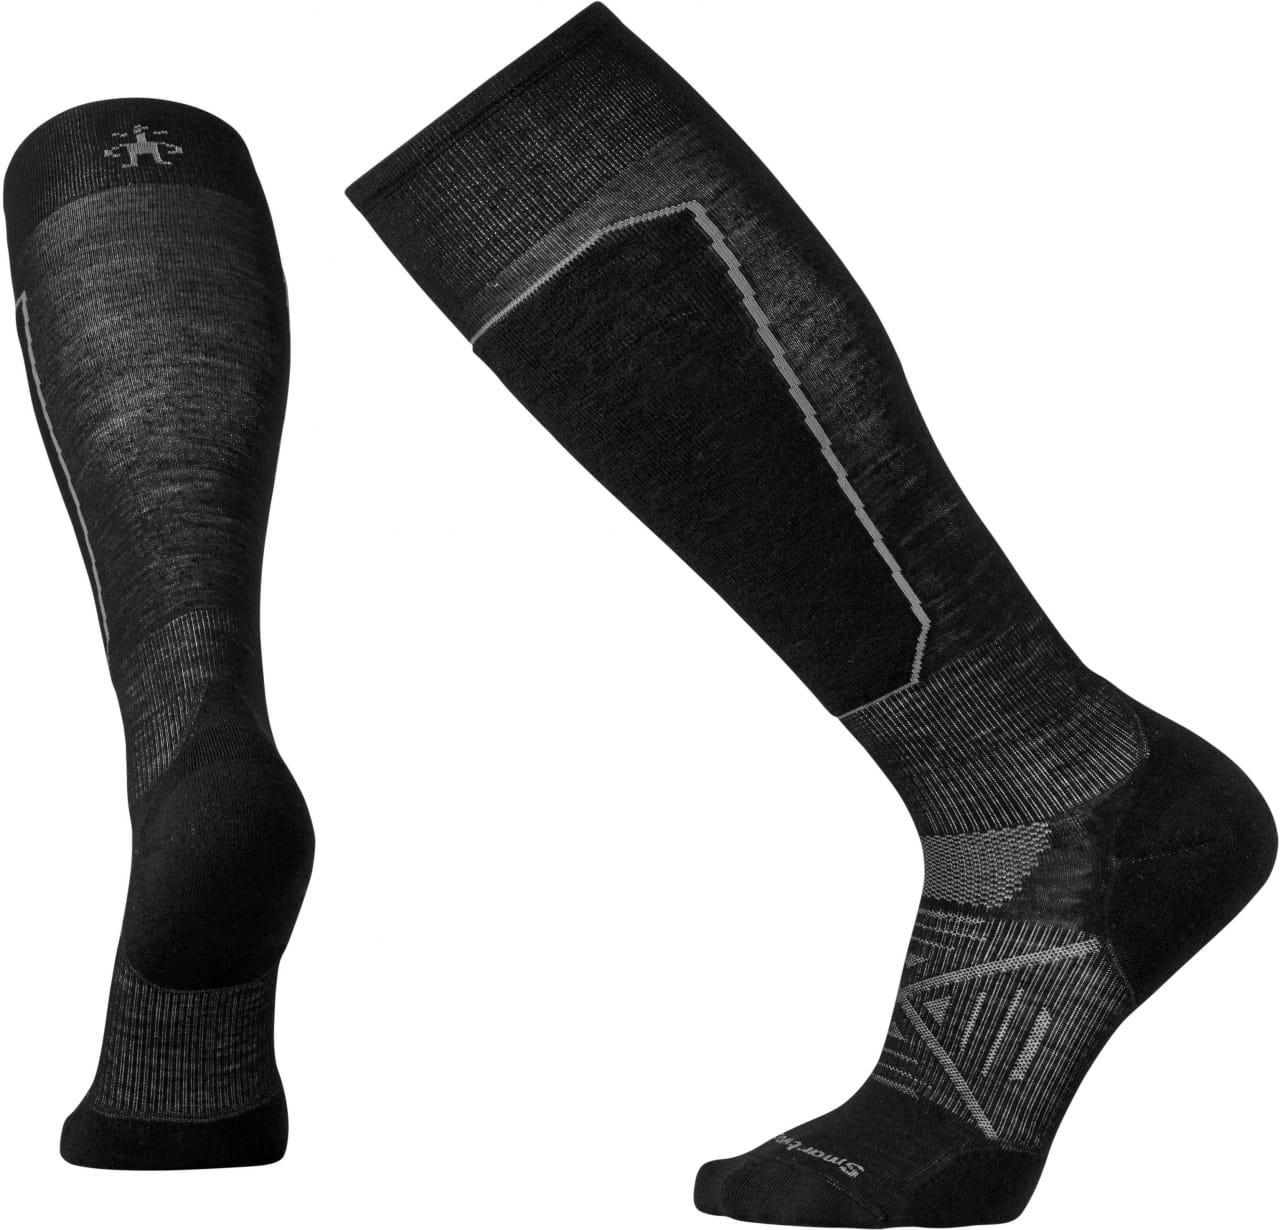 Unisexové ponožky Smartwool Phd Ski Light Elite